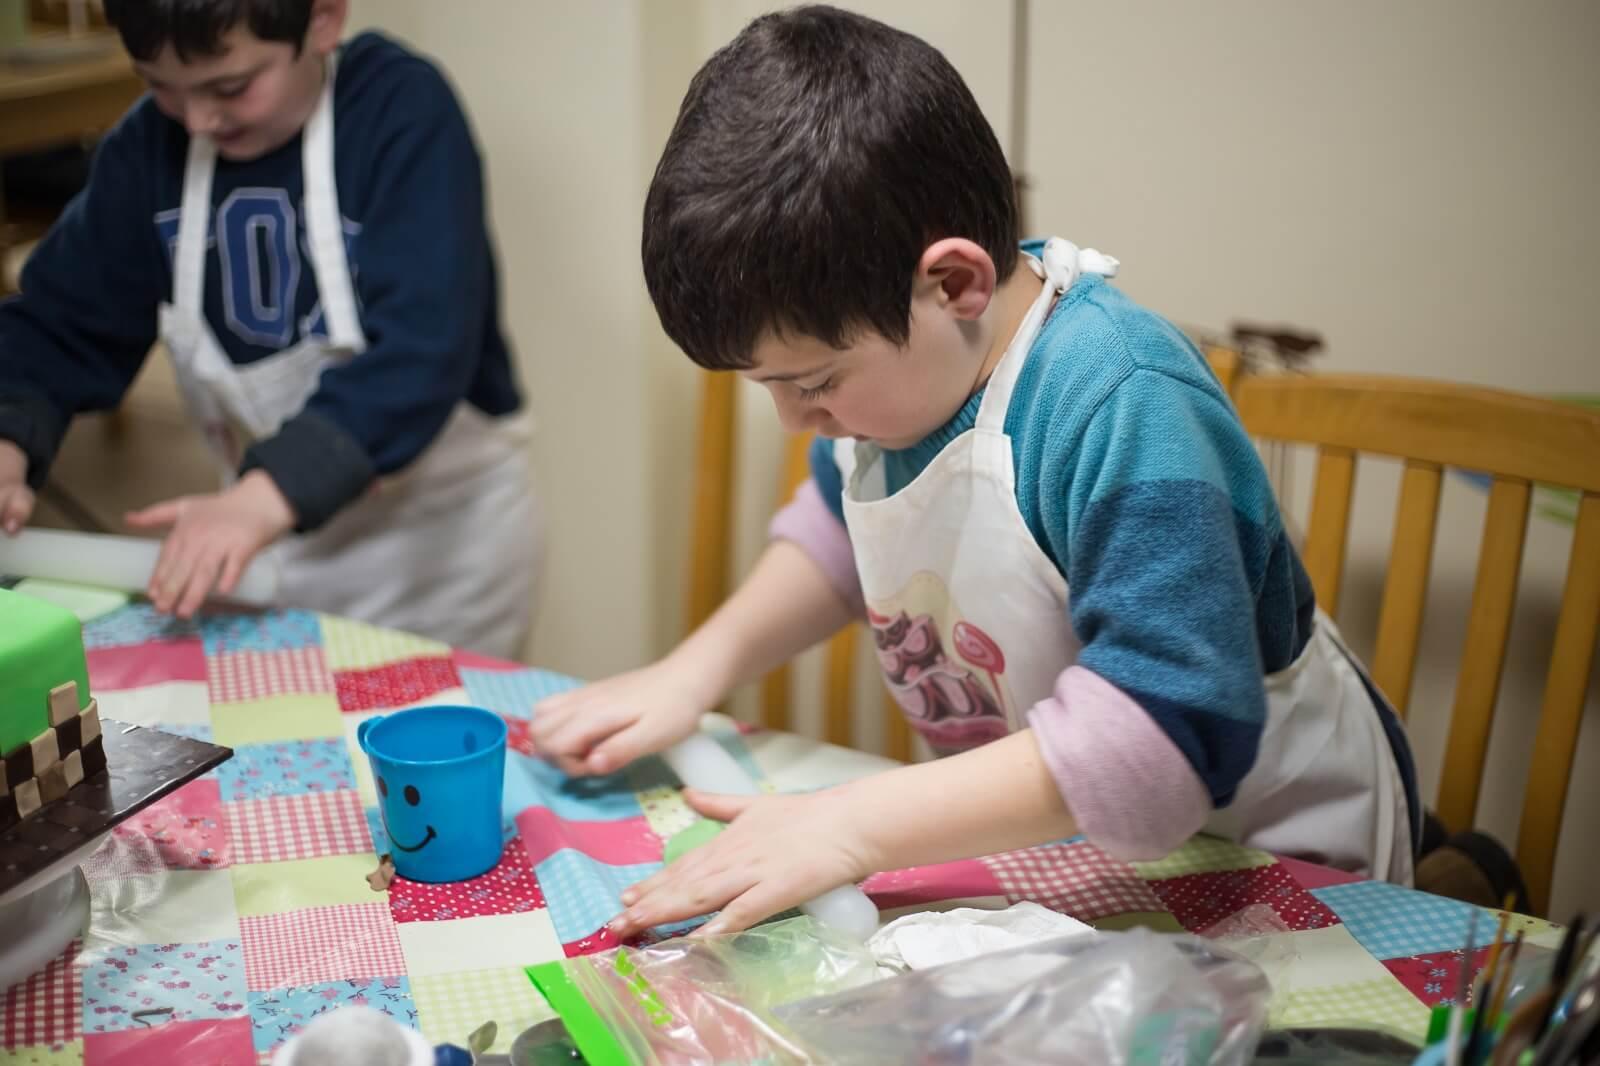 ילדים עובדים סדנת בצק סוכר - דורית יחיאל